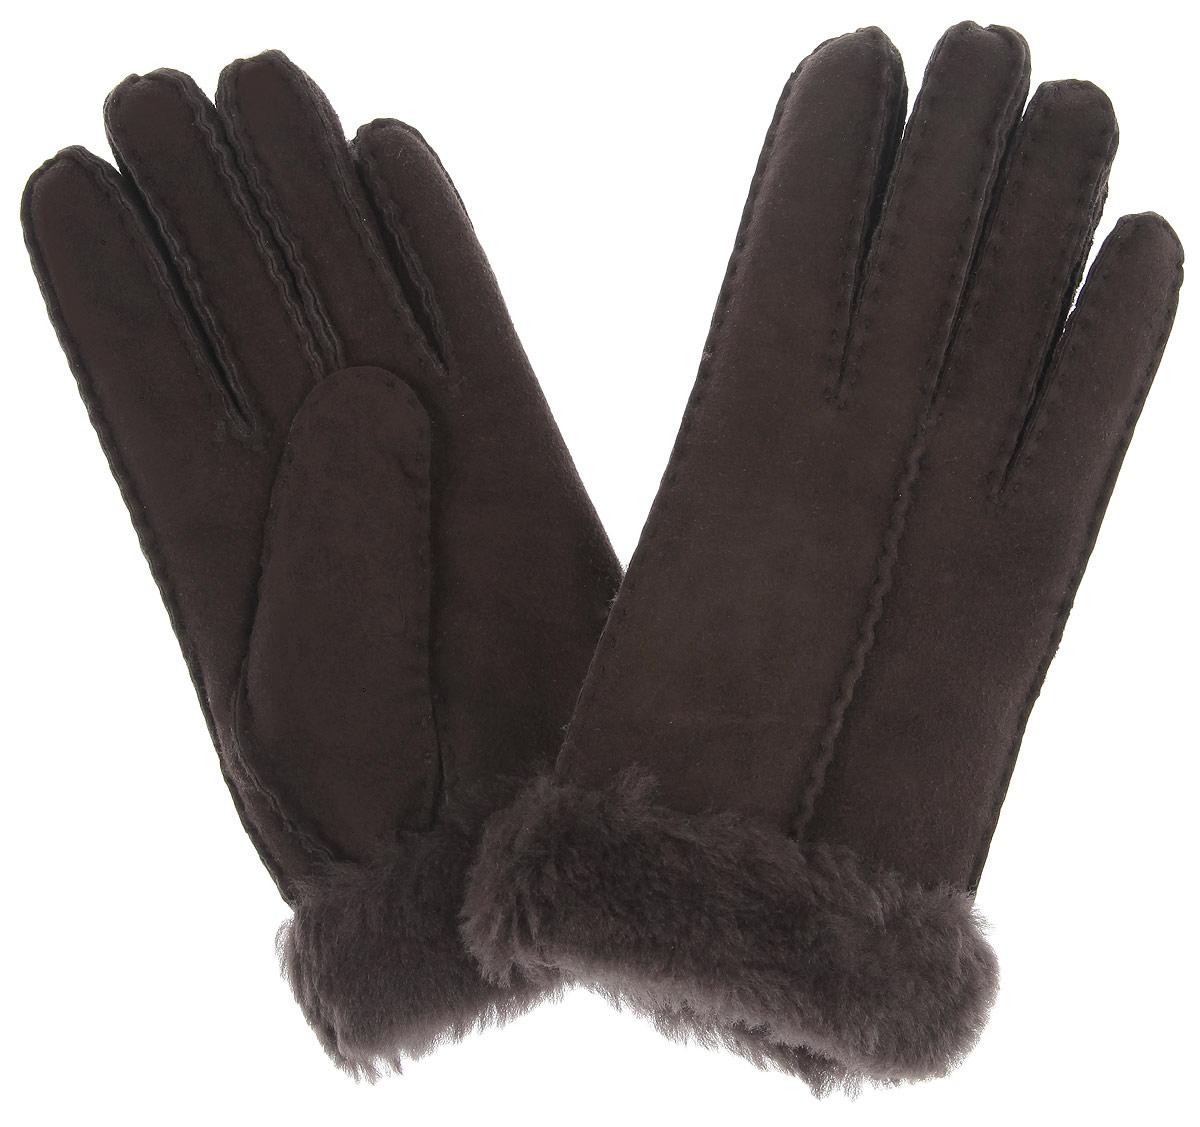 Перчатки женские Fabretti, цвет: коричневый. 25.11-2 chocolat. Размер S (6-6,5)25.11-2 chocolatСтильные женские перчатки Fabretti не только защитят ваши руки, но истанут великолепным украшением. Перчатки выполнены из чрезвычайно мягкой иприятной на ощупь мелковорсистой натуральной кожи, а их подкладка - изнатурального меха. Перчатки оформлены наружными ручными швами.Стильный аксессуар для повседневного образа.